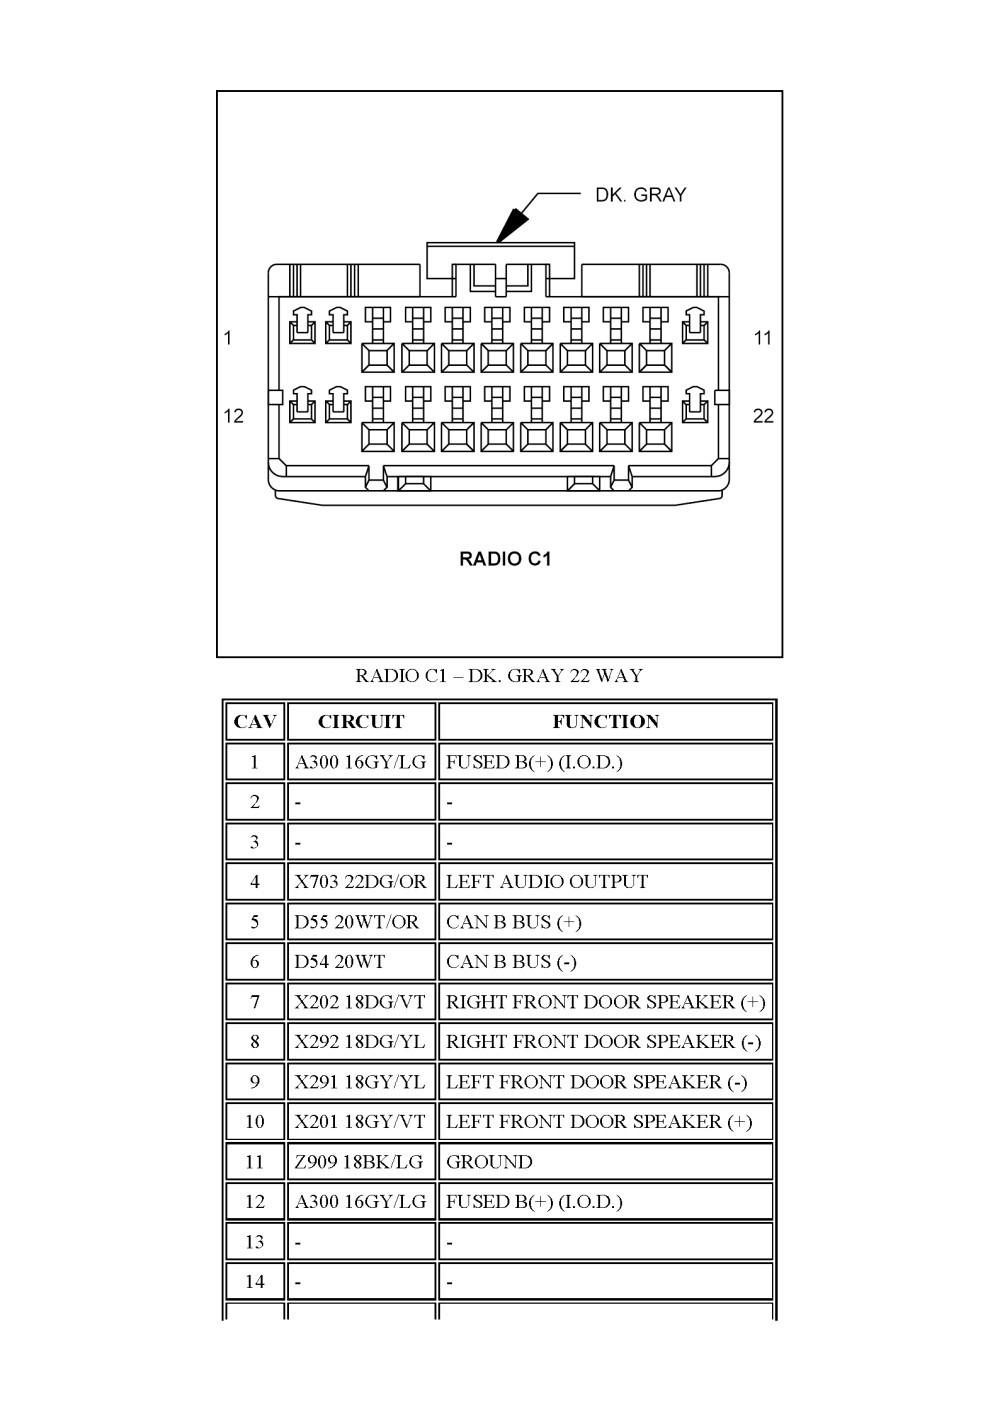 2000 Chrysler Radio Wiring Diagram Electrical Diagrams Sebring 96 1991